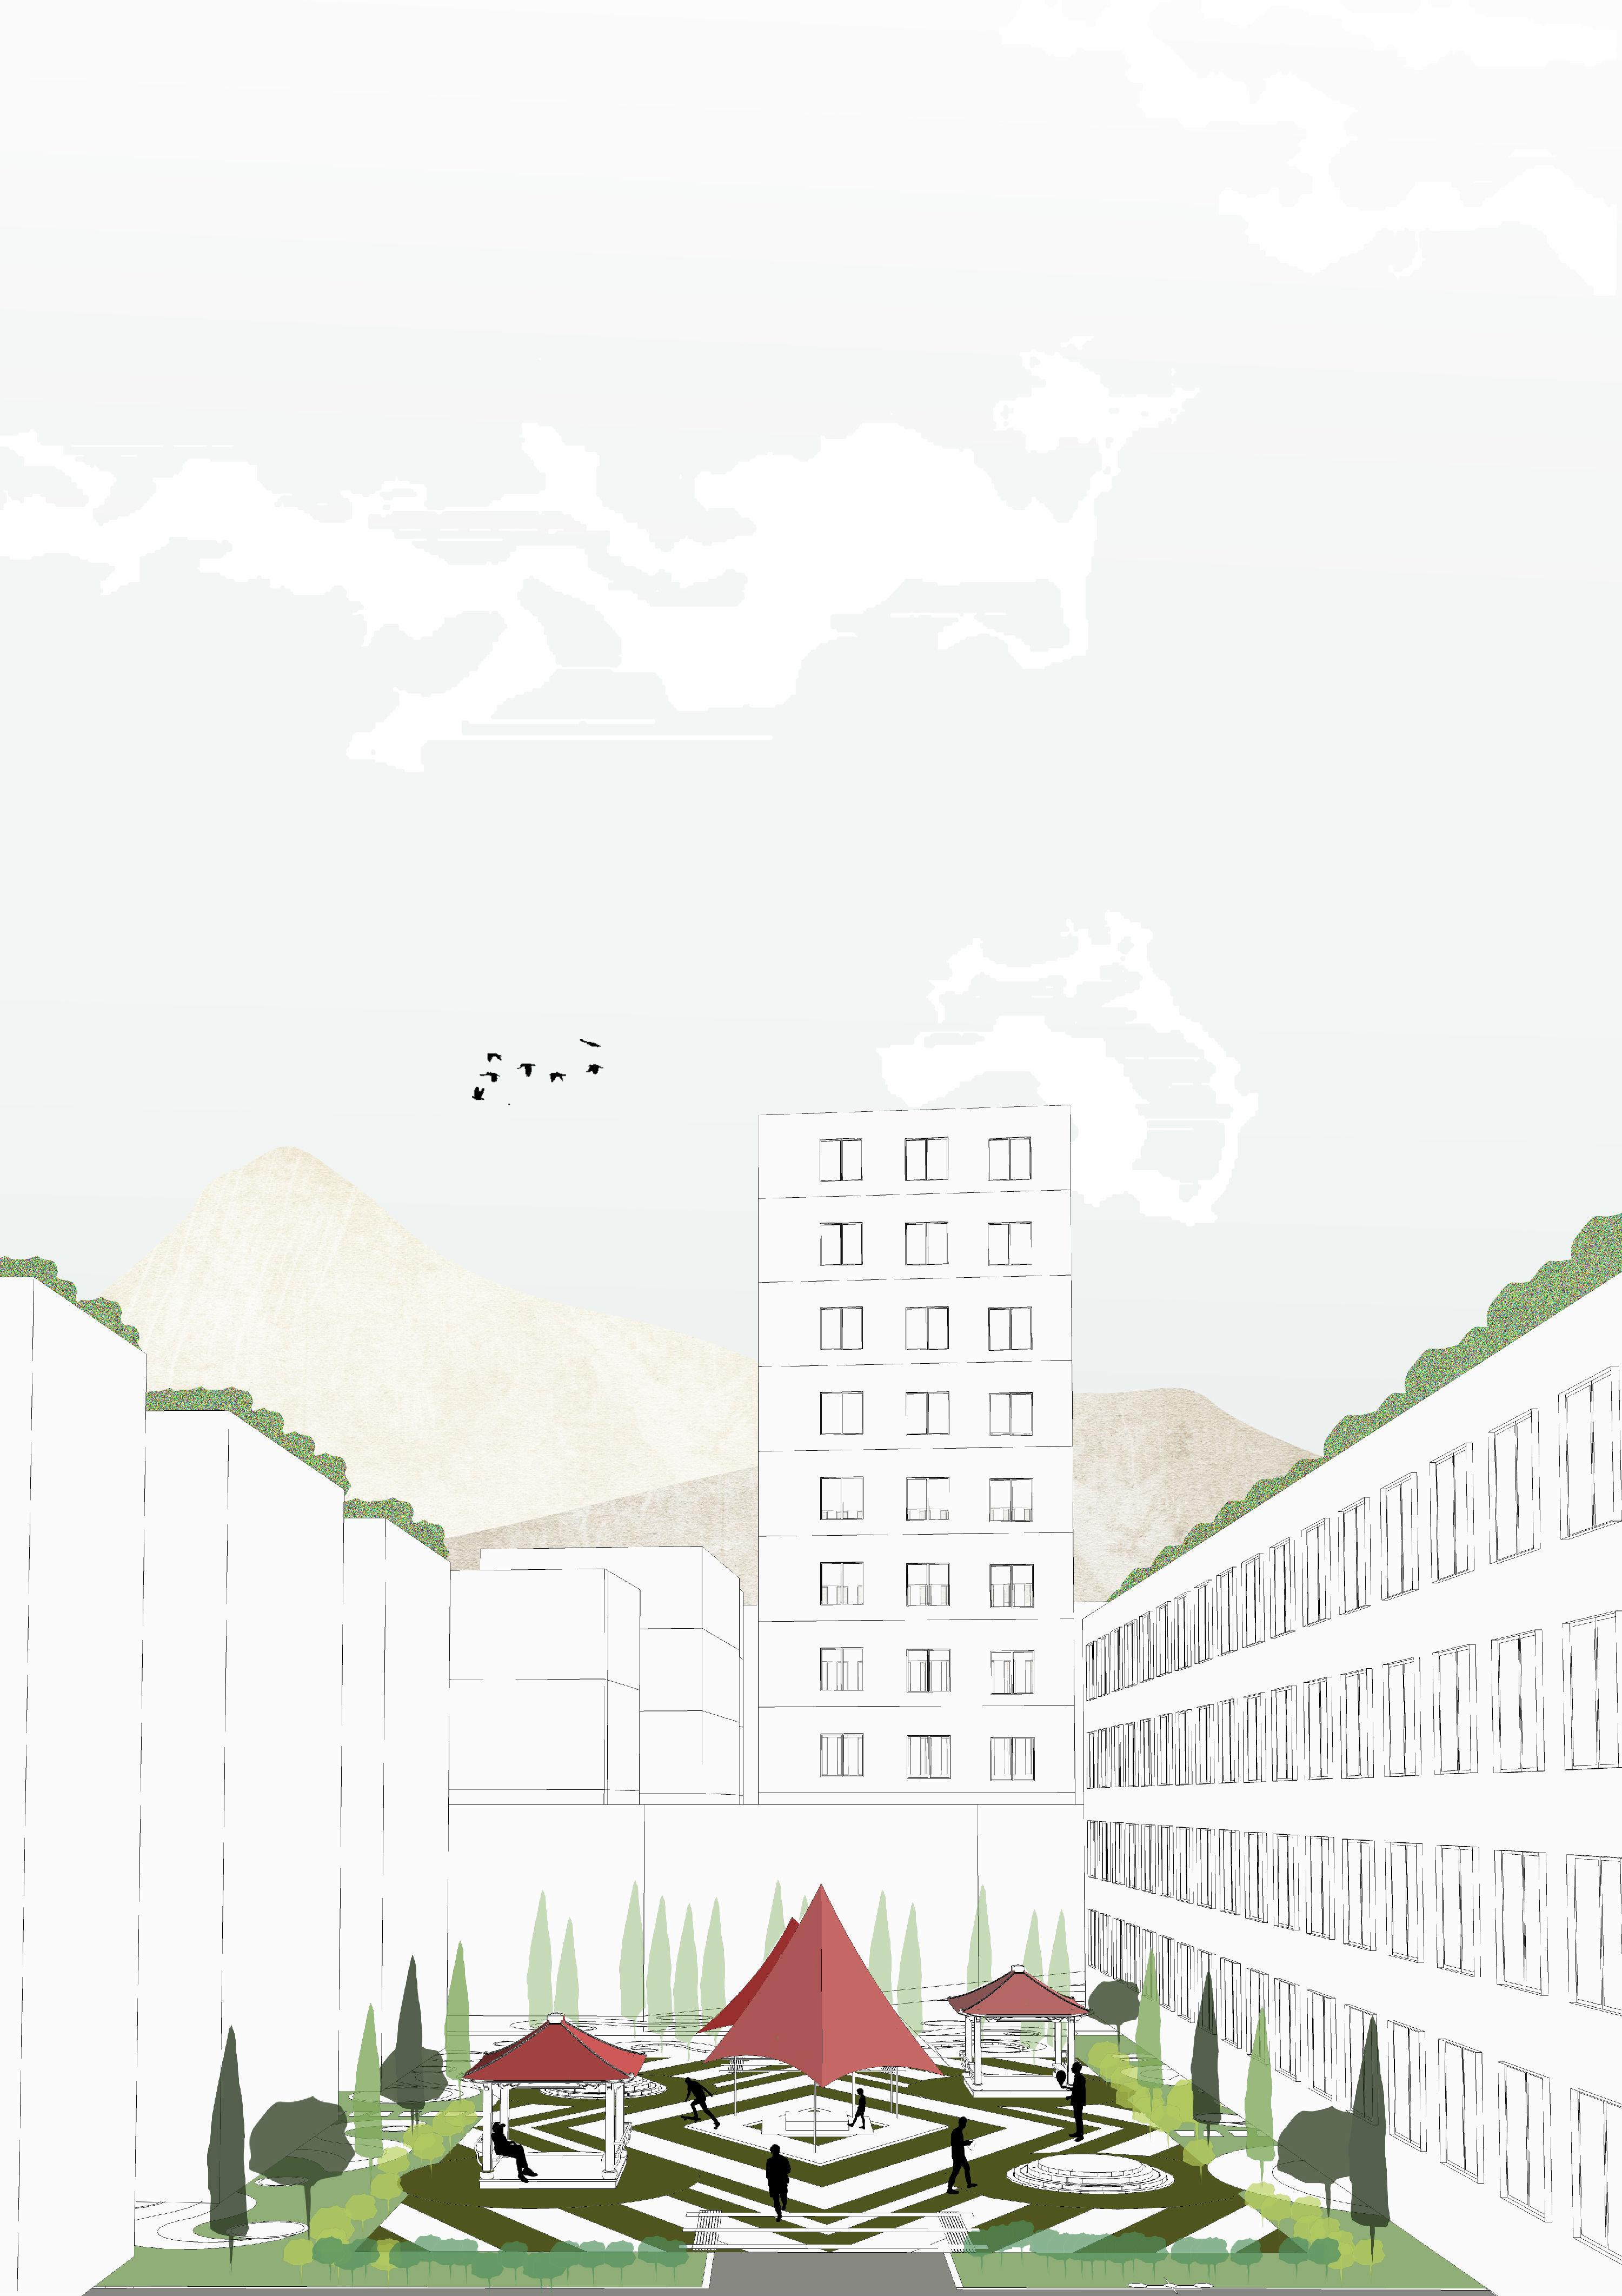 【系列公开课】第二辑:每一张鸟瞰都是一个感人至深的故事_11